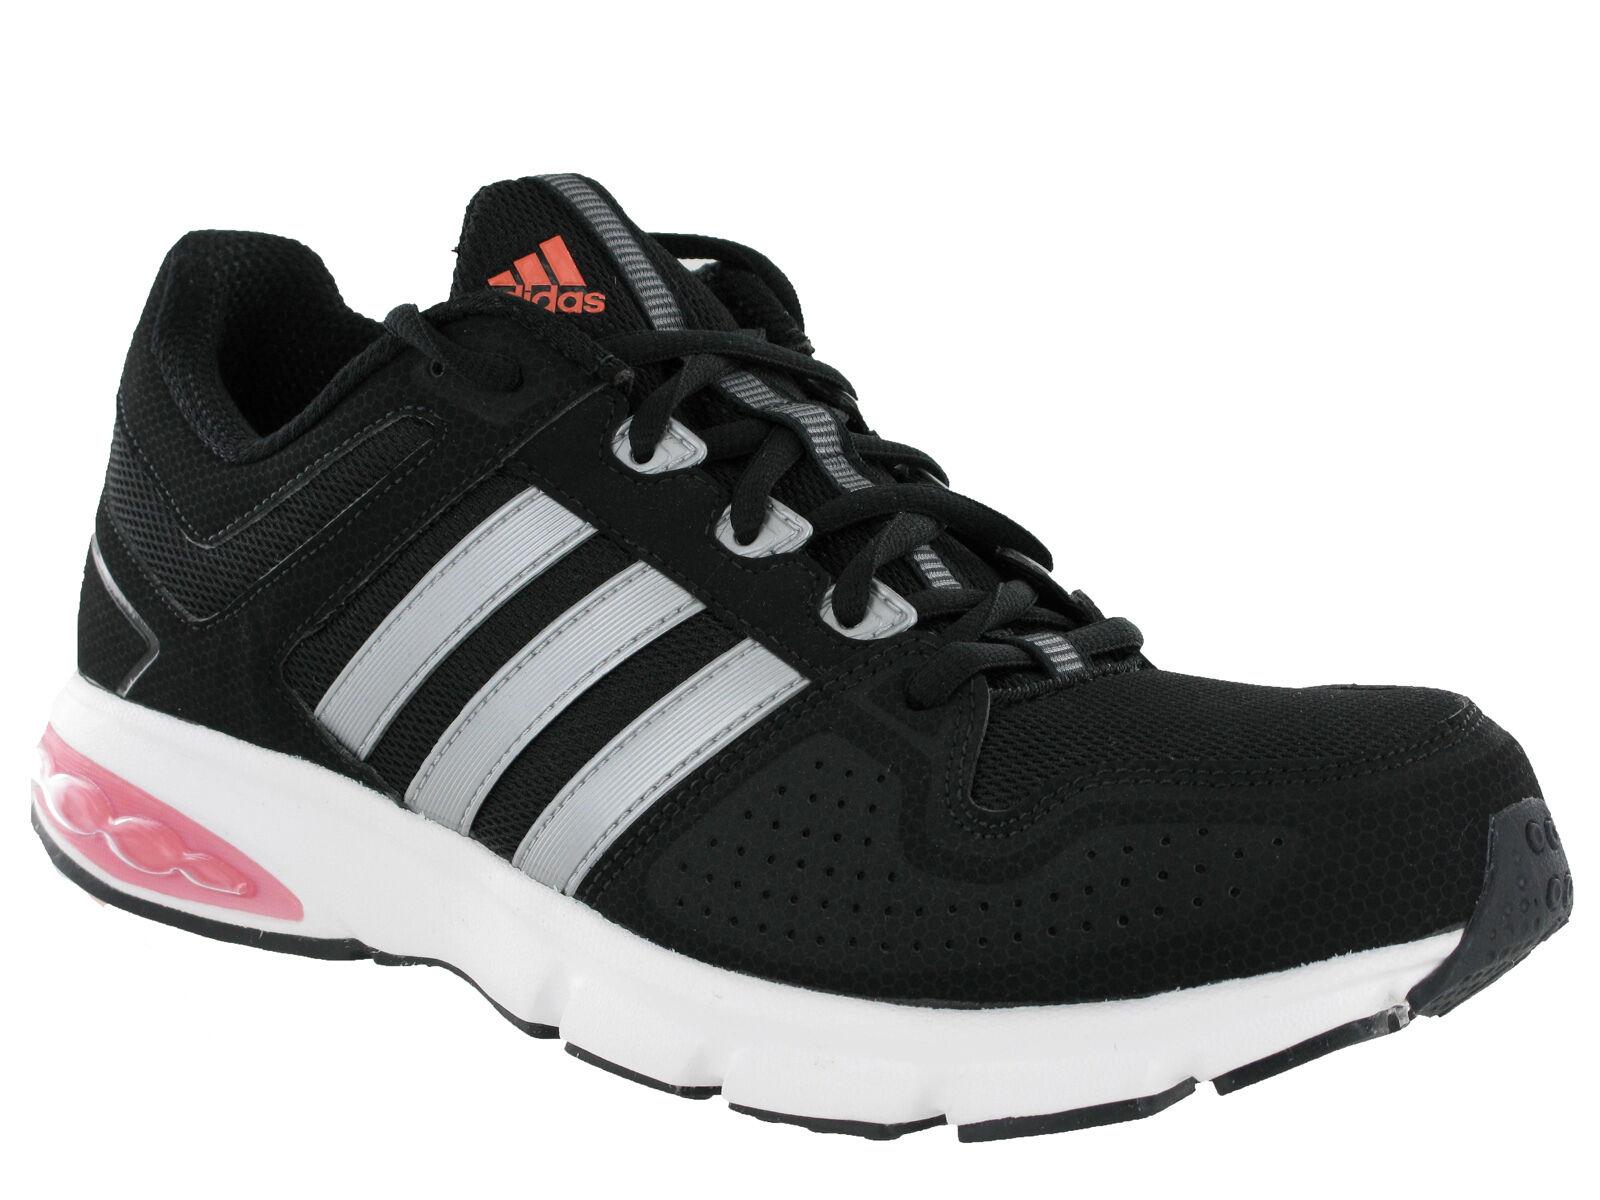 adidas azteca 2.0 Informal Deporte Correr Cordones Zapatillas Hombre uk7.5-12